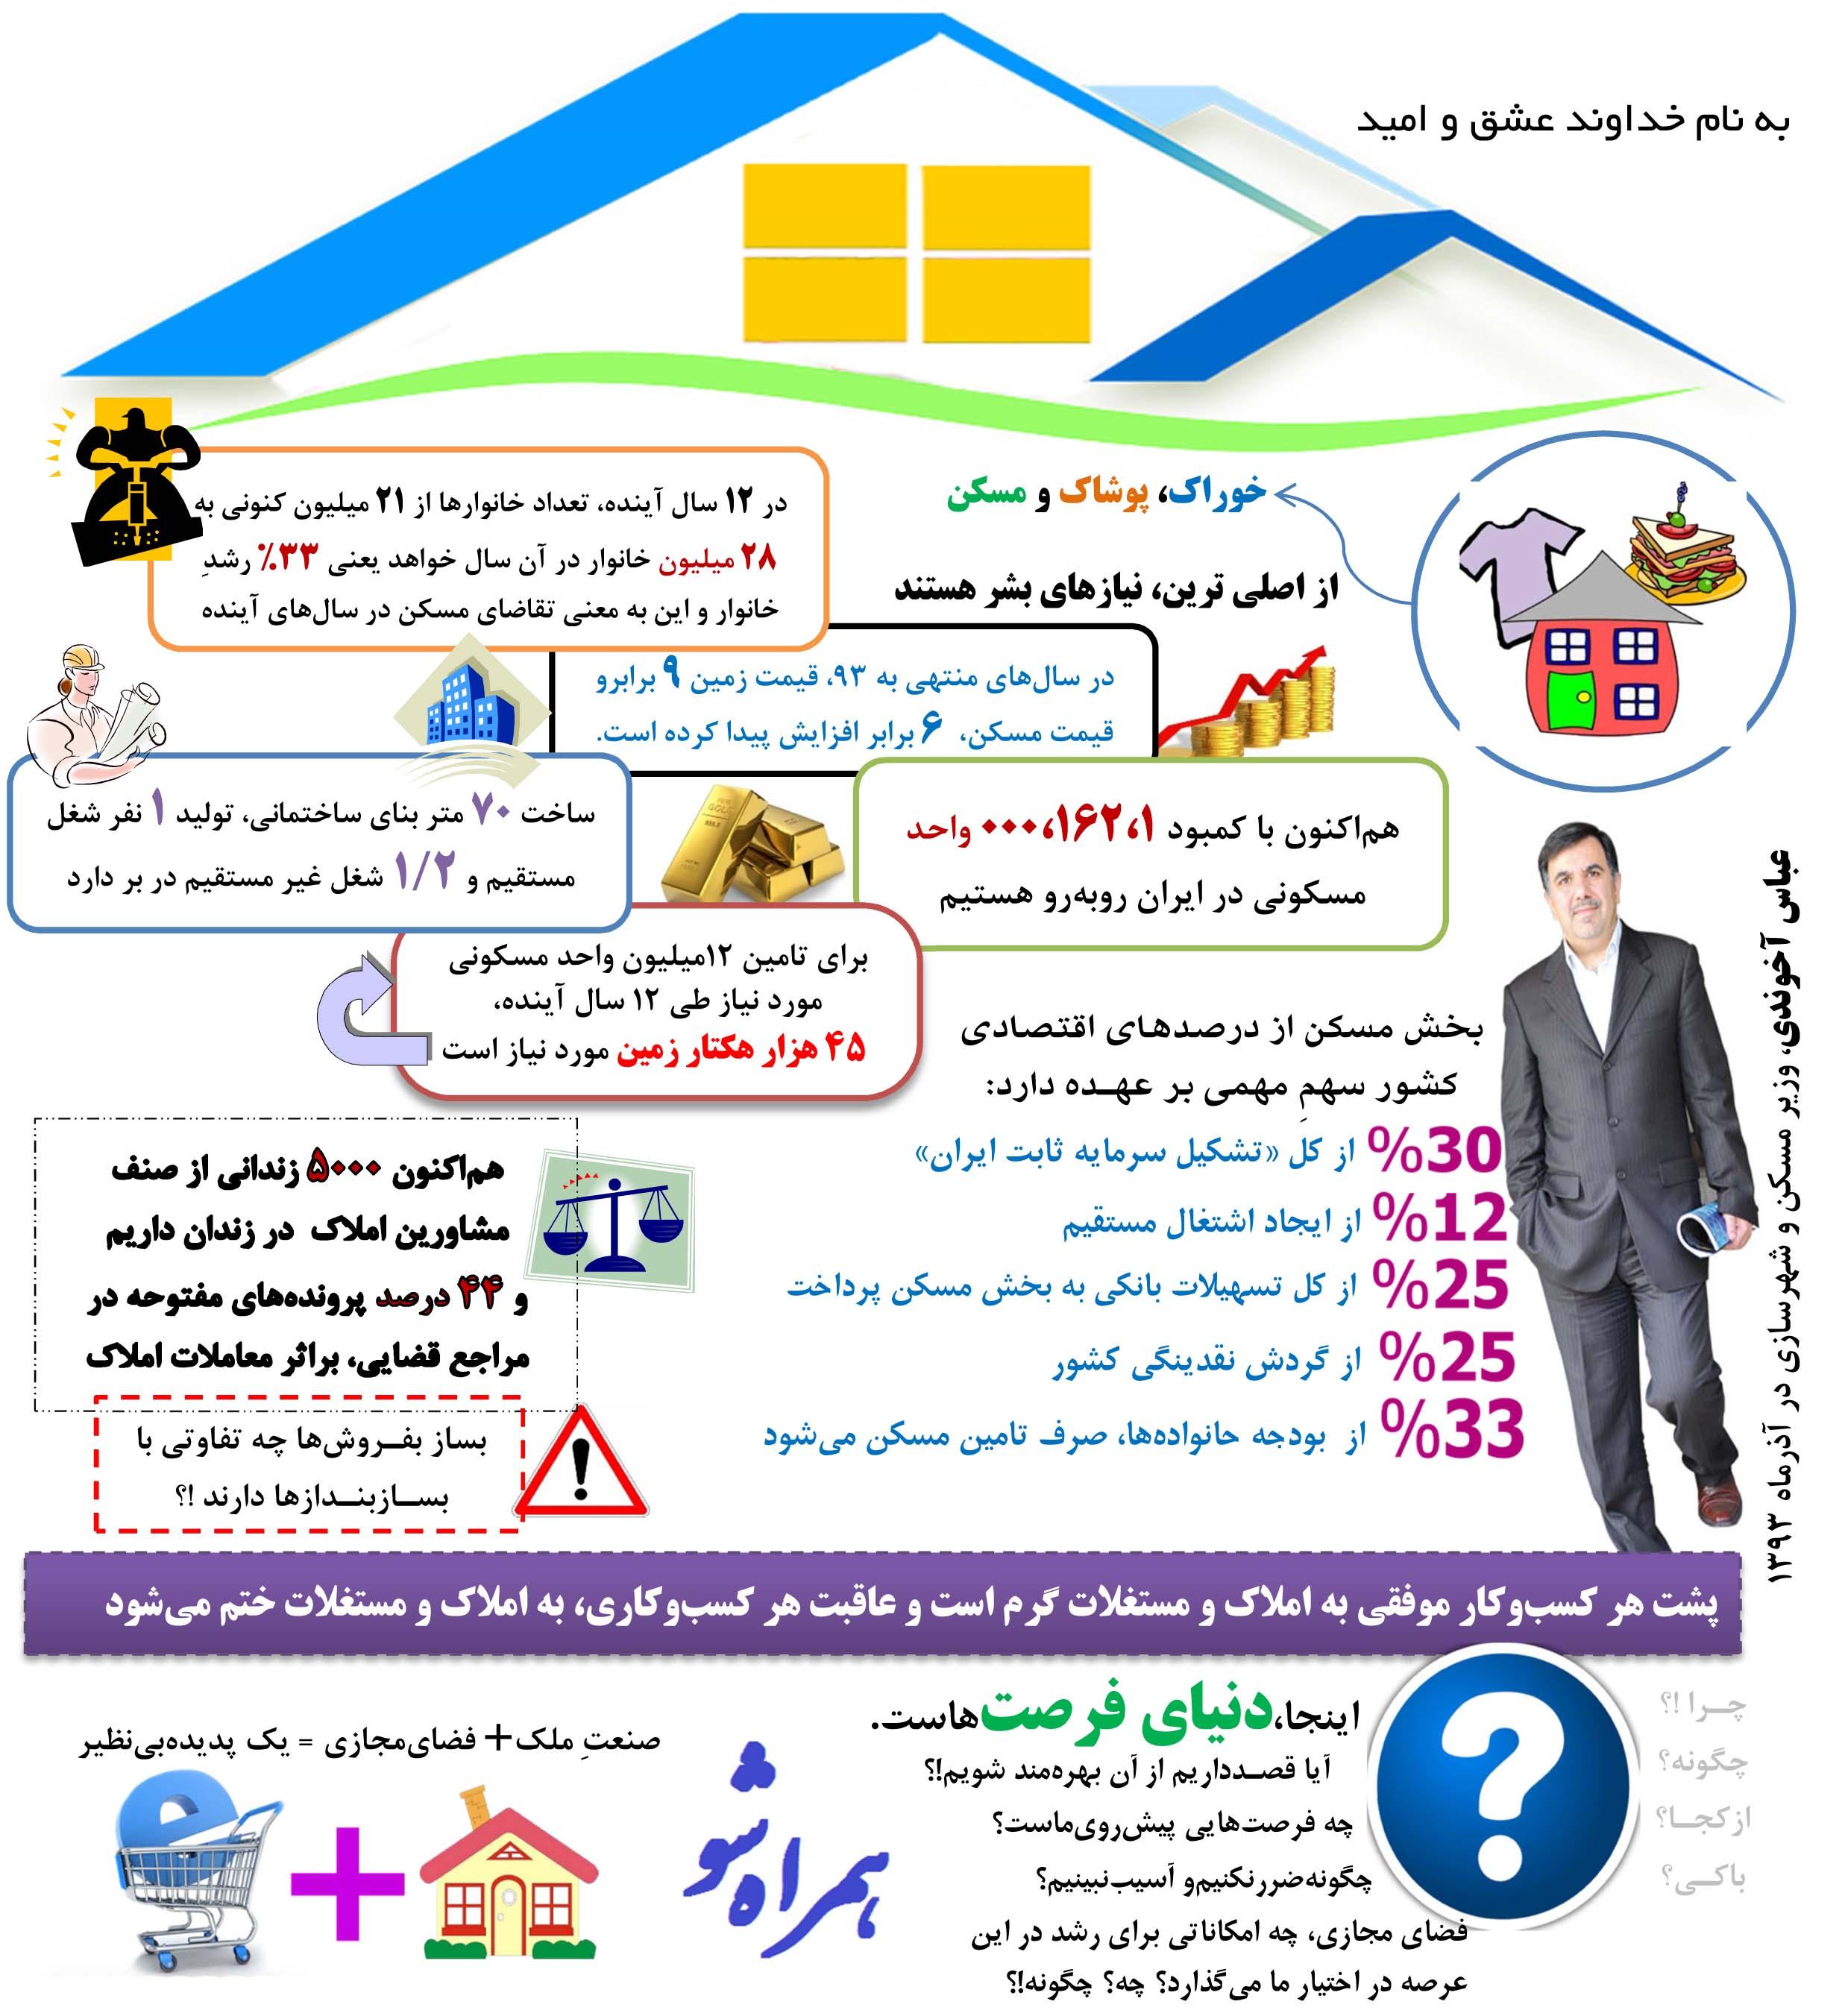 اینفوگرافی در خصوص فرصت ها و پتانسیل های موجود در صنعت ساختمان و معاملات ملکی ایران